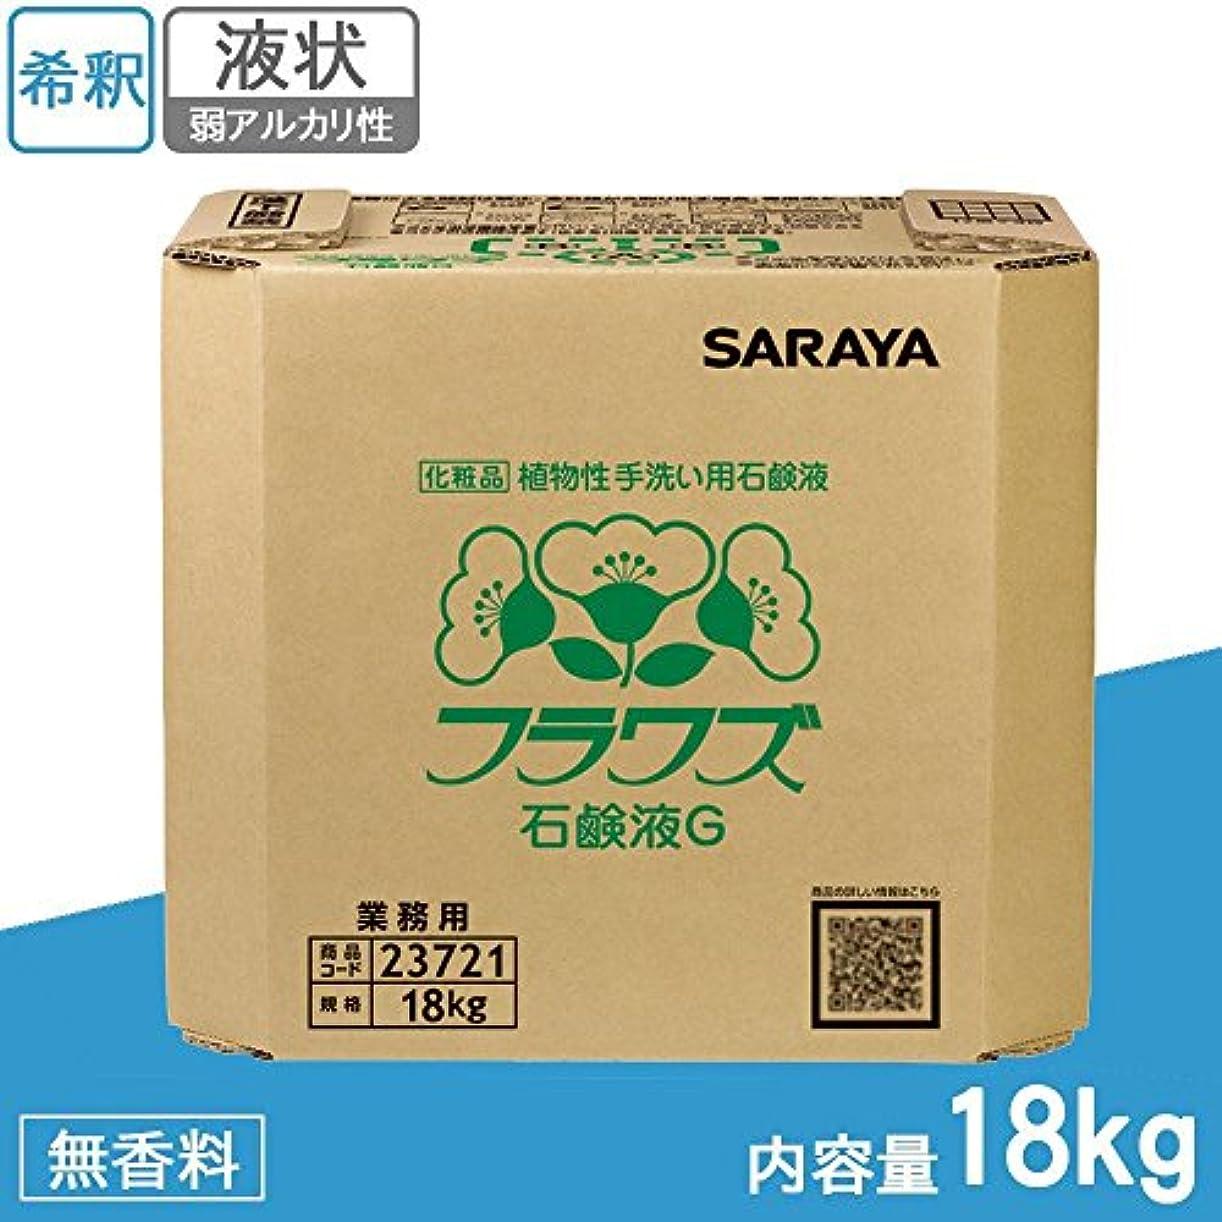 ゲージディスコ快いサラヤ 業務用 植物性手洗い用石鹸液 フラワズ石鹸液G 18kg BIB 23721